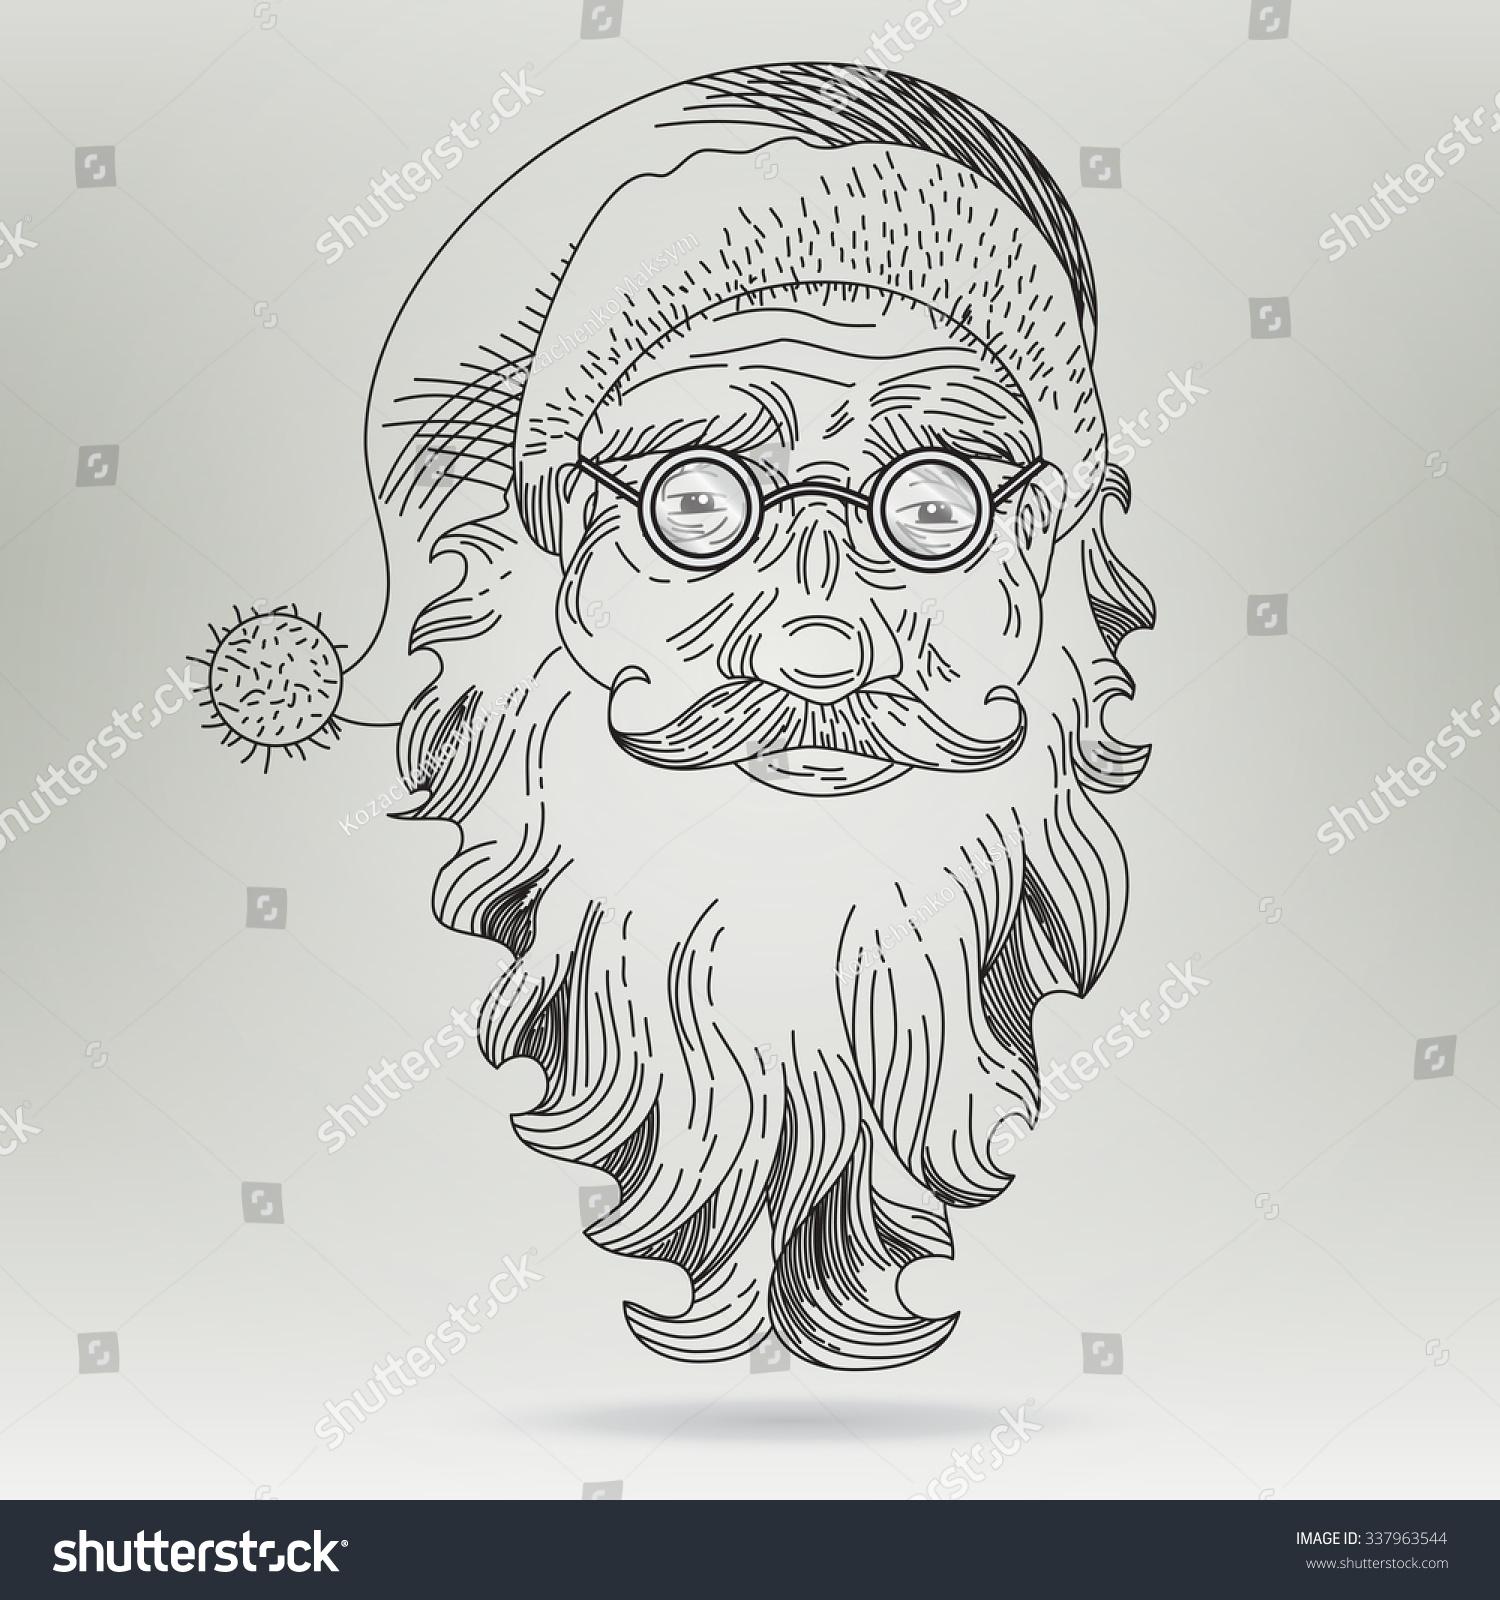 Royalty Free Christmas Card With Santa Claus Santa 337963544